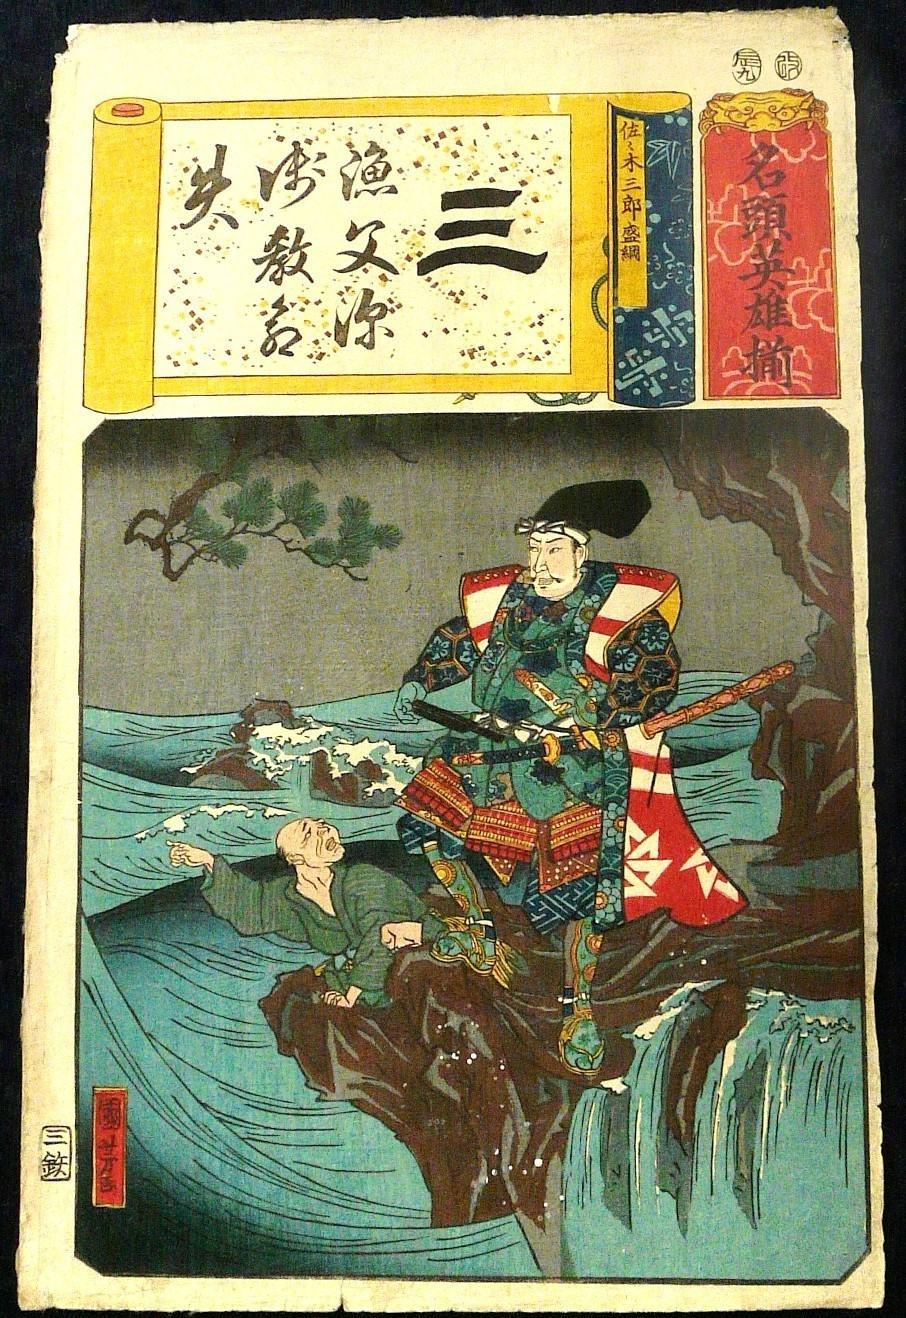 UTAGAWA KUNIYOSHI: #P3981 MEITO EIYU ZORIO, SASAKI SABURO MORITSUNA 1854-1857